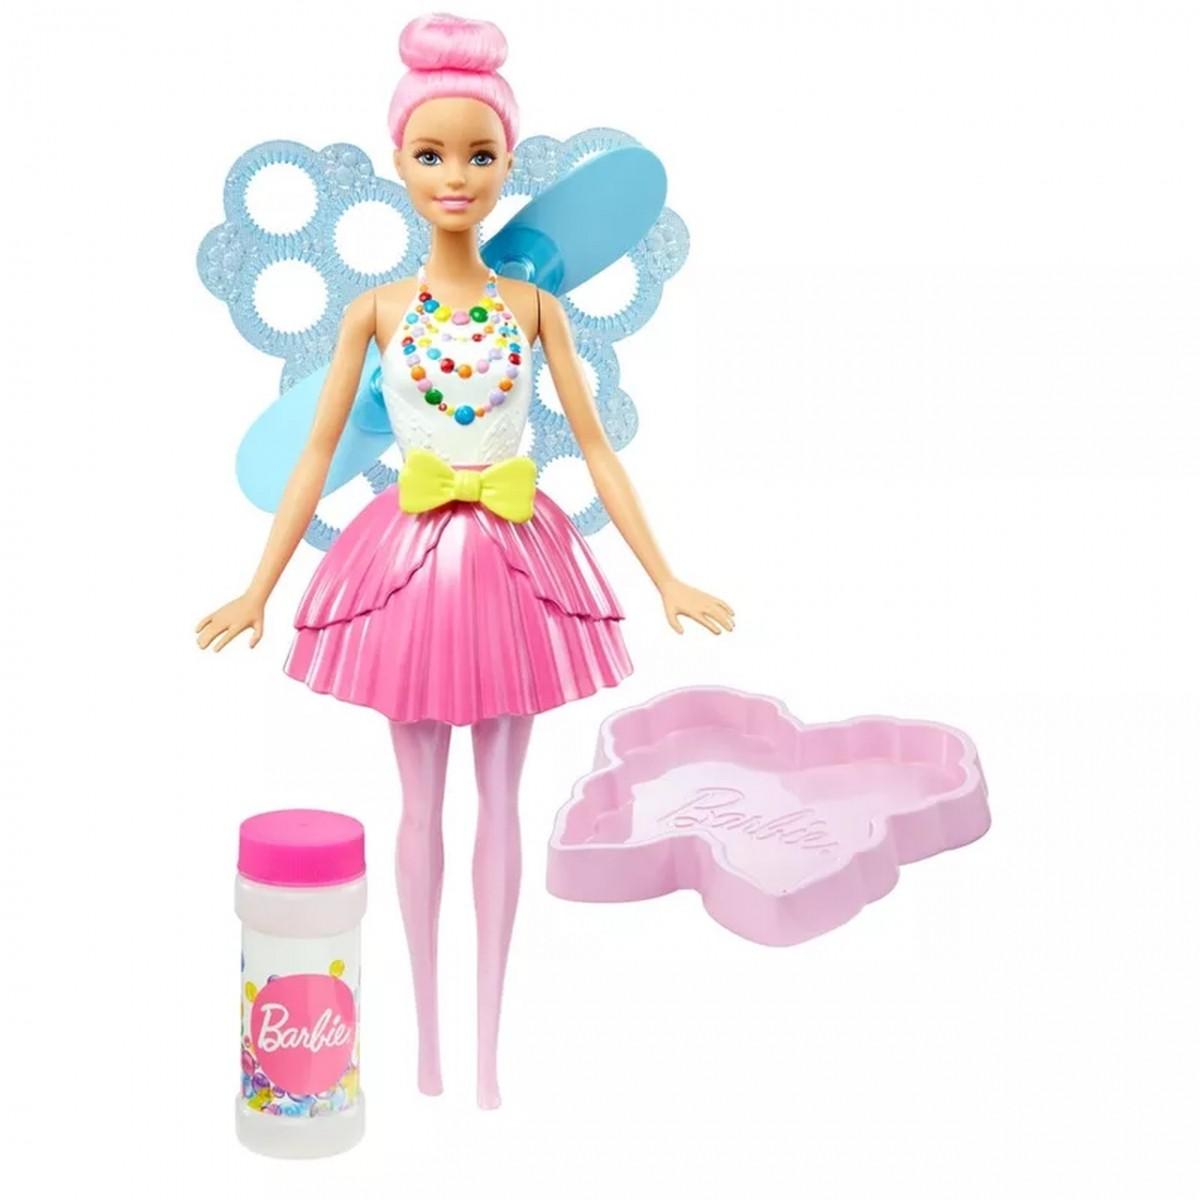 Boneca Barbie Dreamtopia Articulada: Fada Bolhas Mágicas